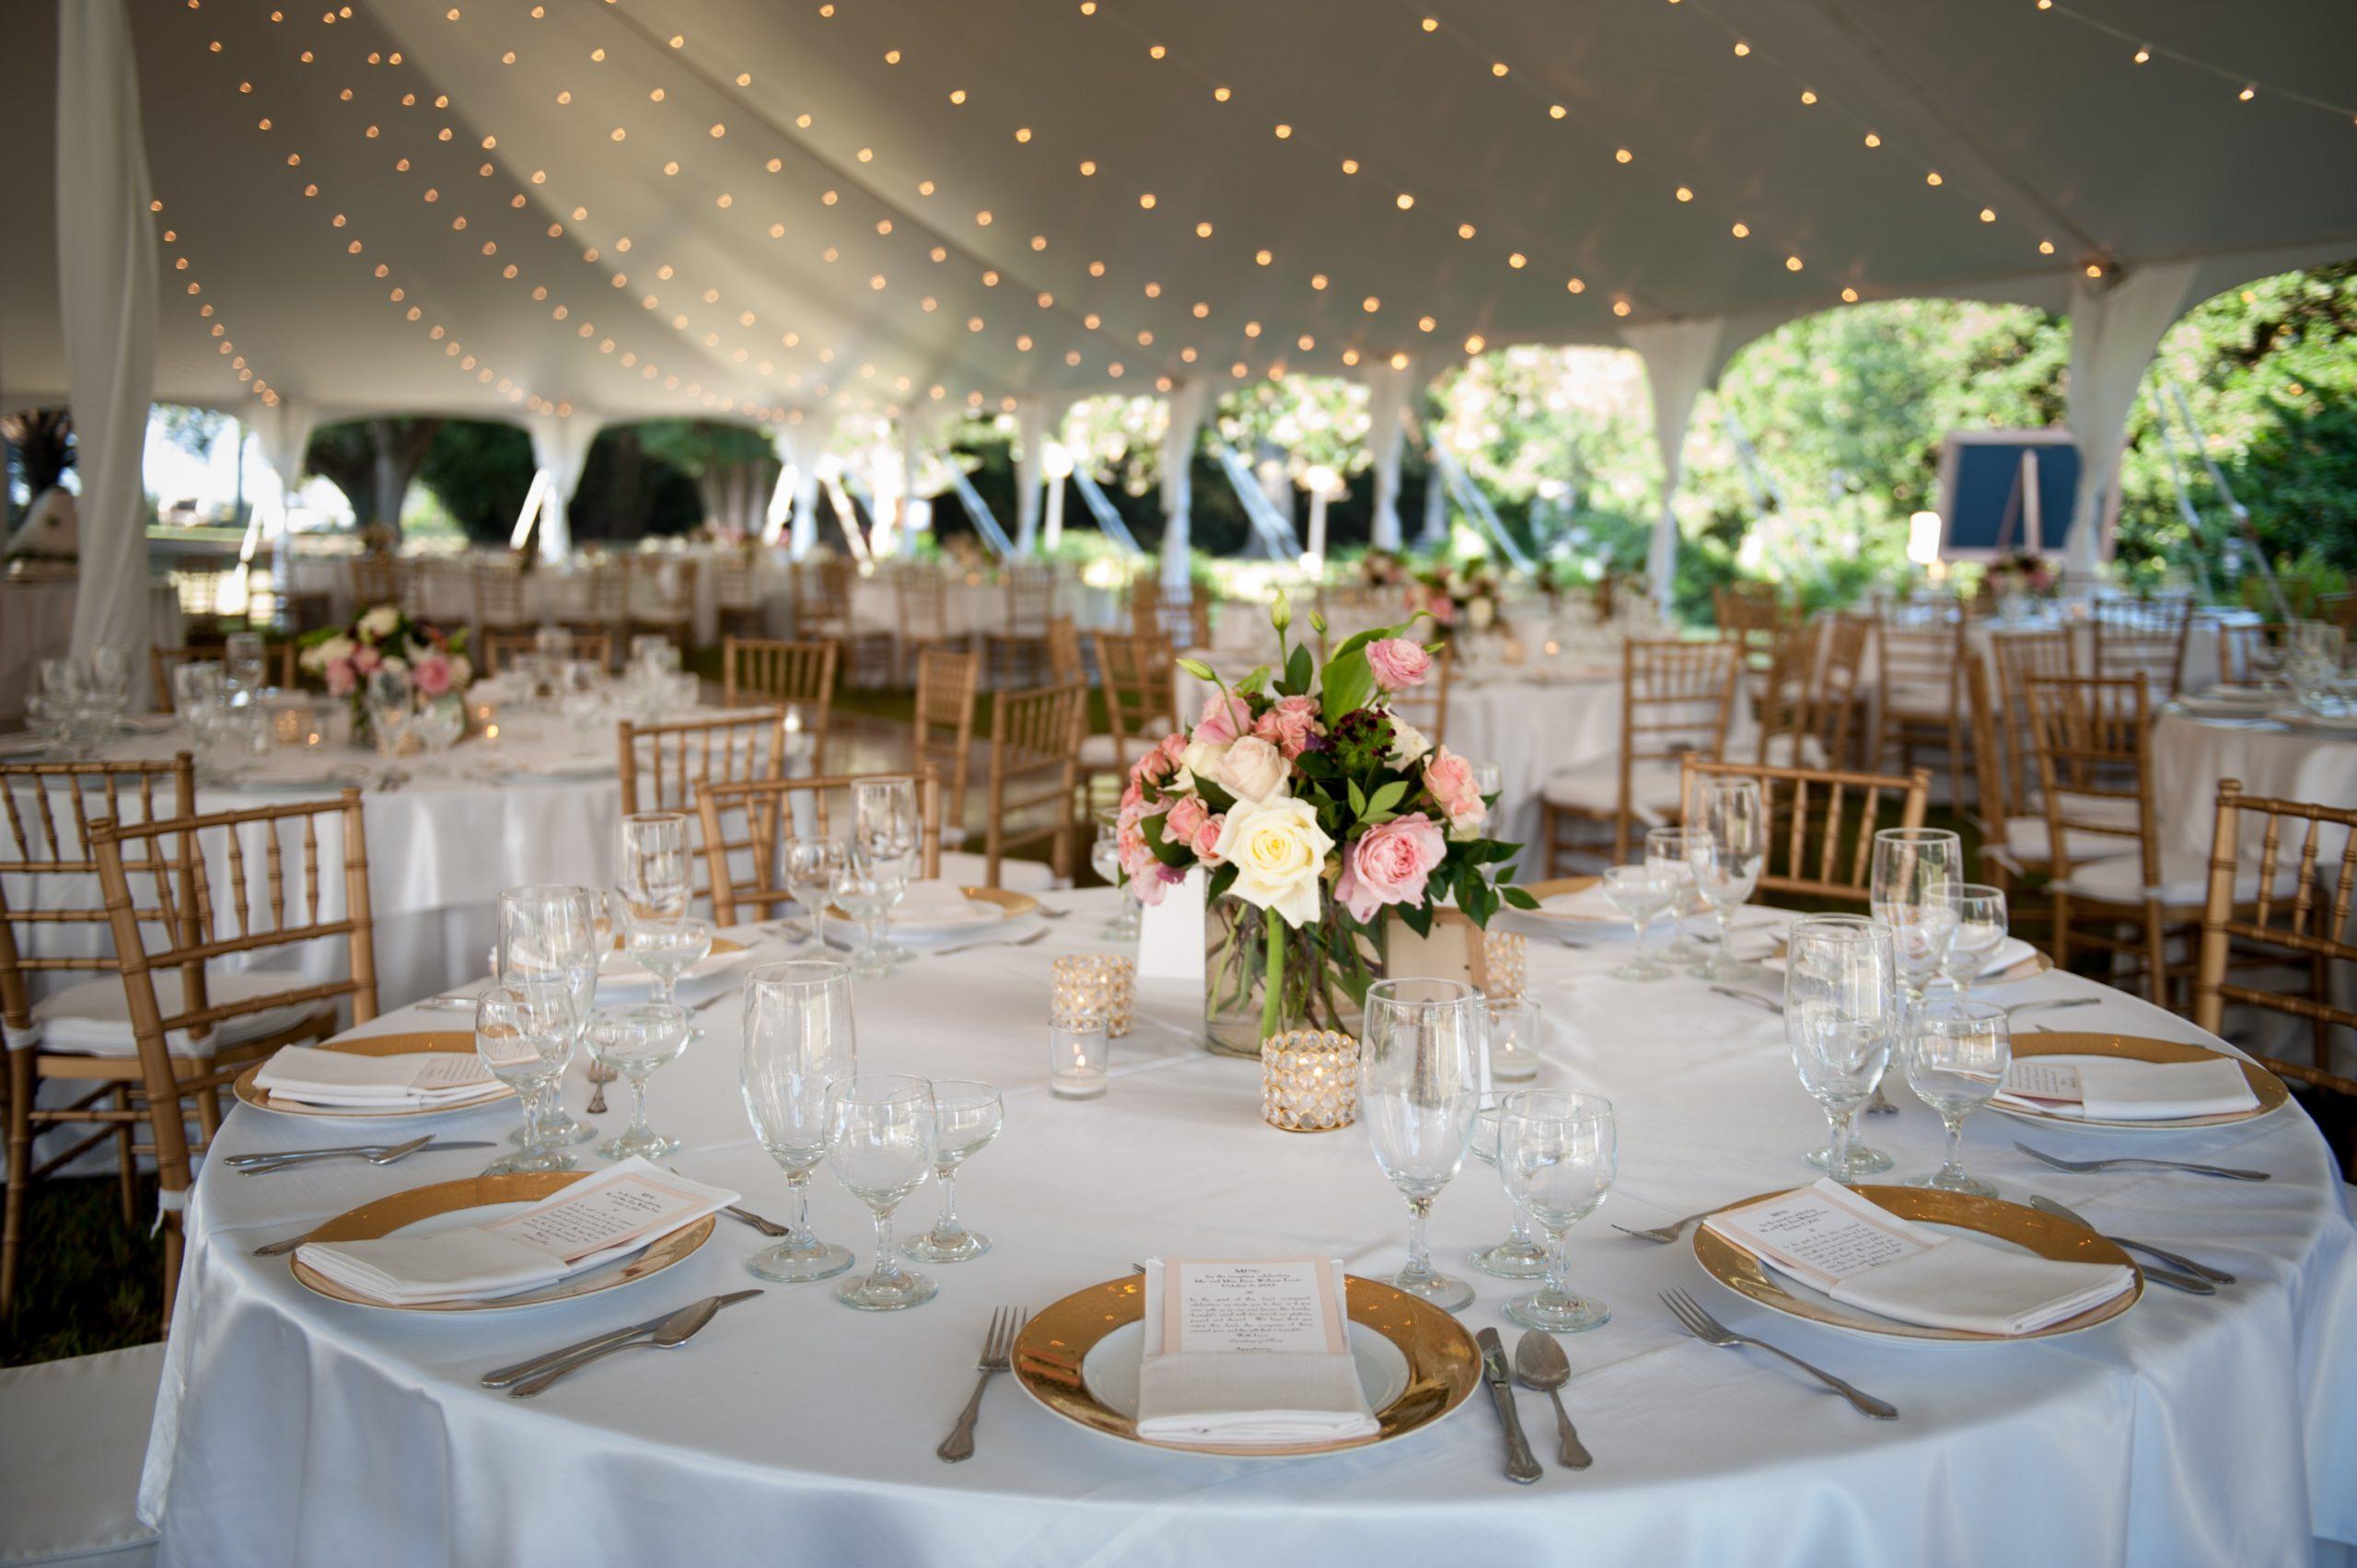 Blue Springs Under Tent & Blue Springs Wedding u2013 Rental Depot